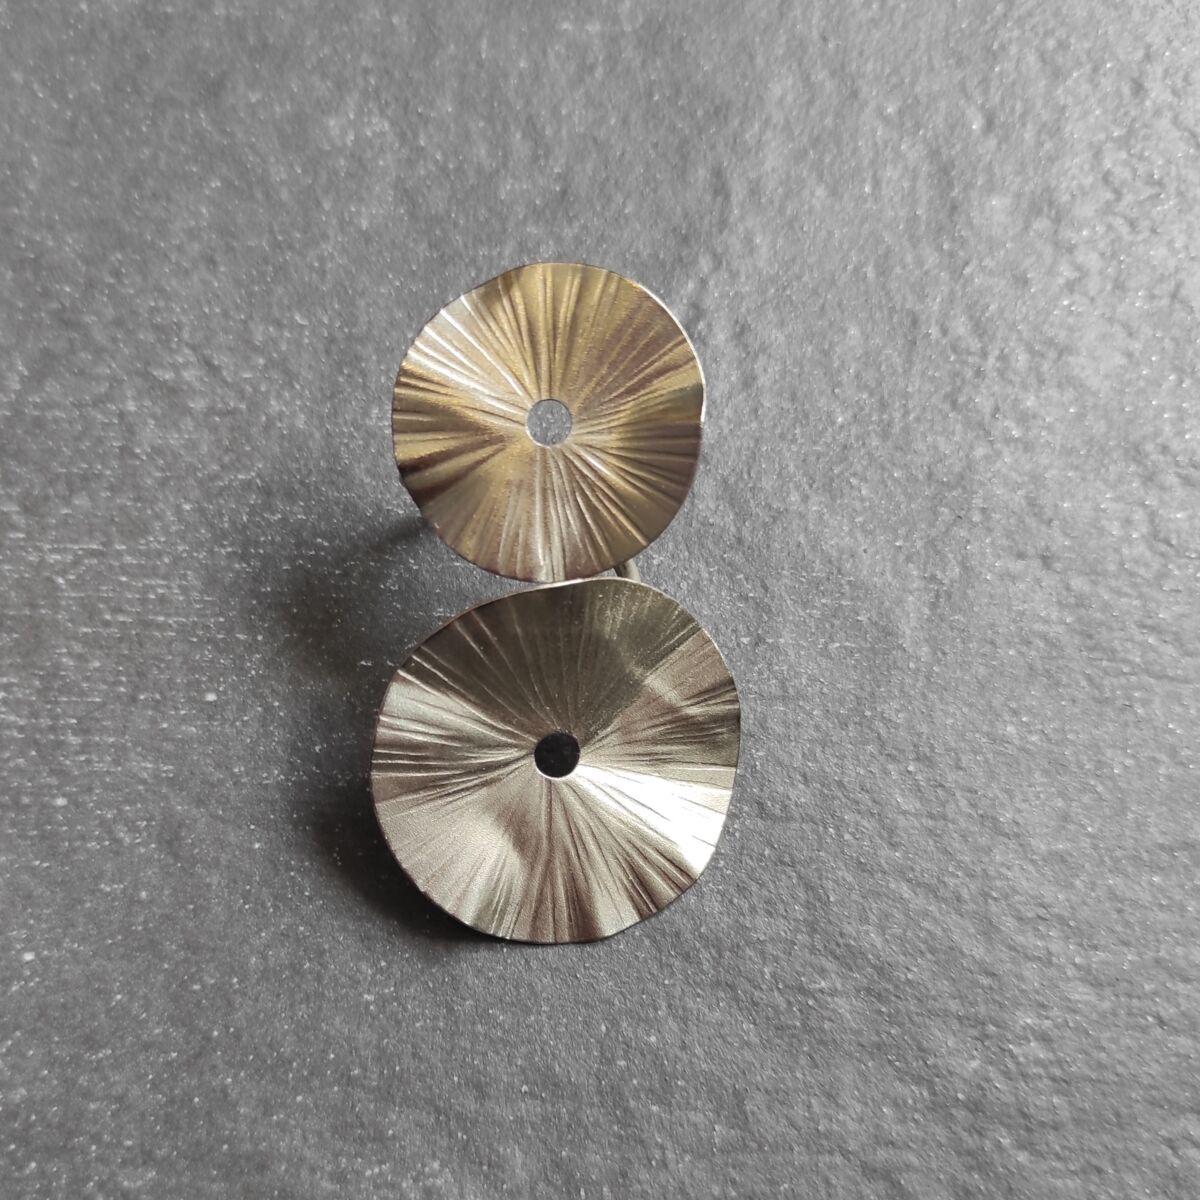 Διπλό δαχτυλίδι Αξεσουάρ Ρούχα αξεσουάρ